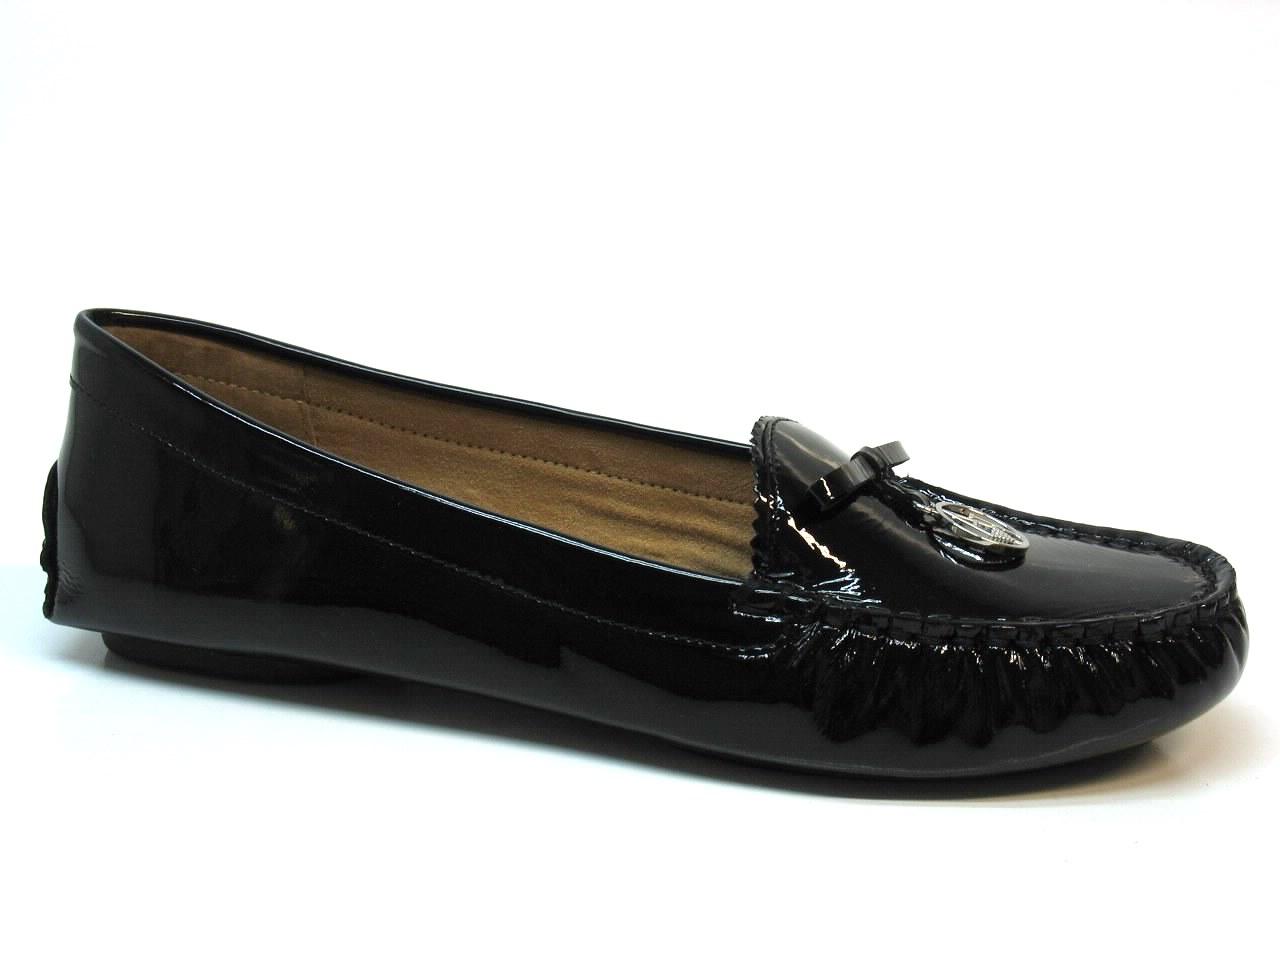 Sapatos Baixos, Sabrinas, Mocassins Armani Jeans, Emporio Armani - 529 U5518